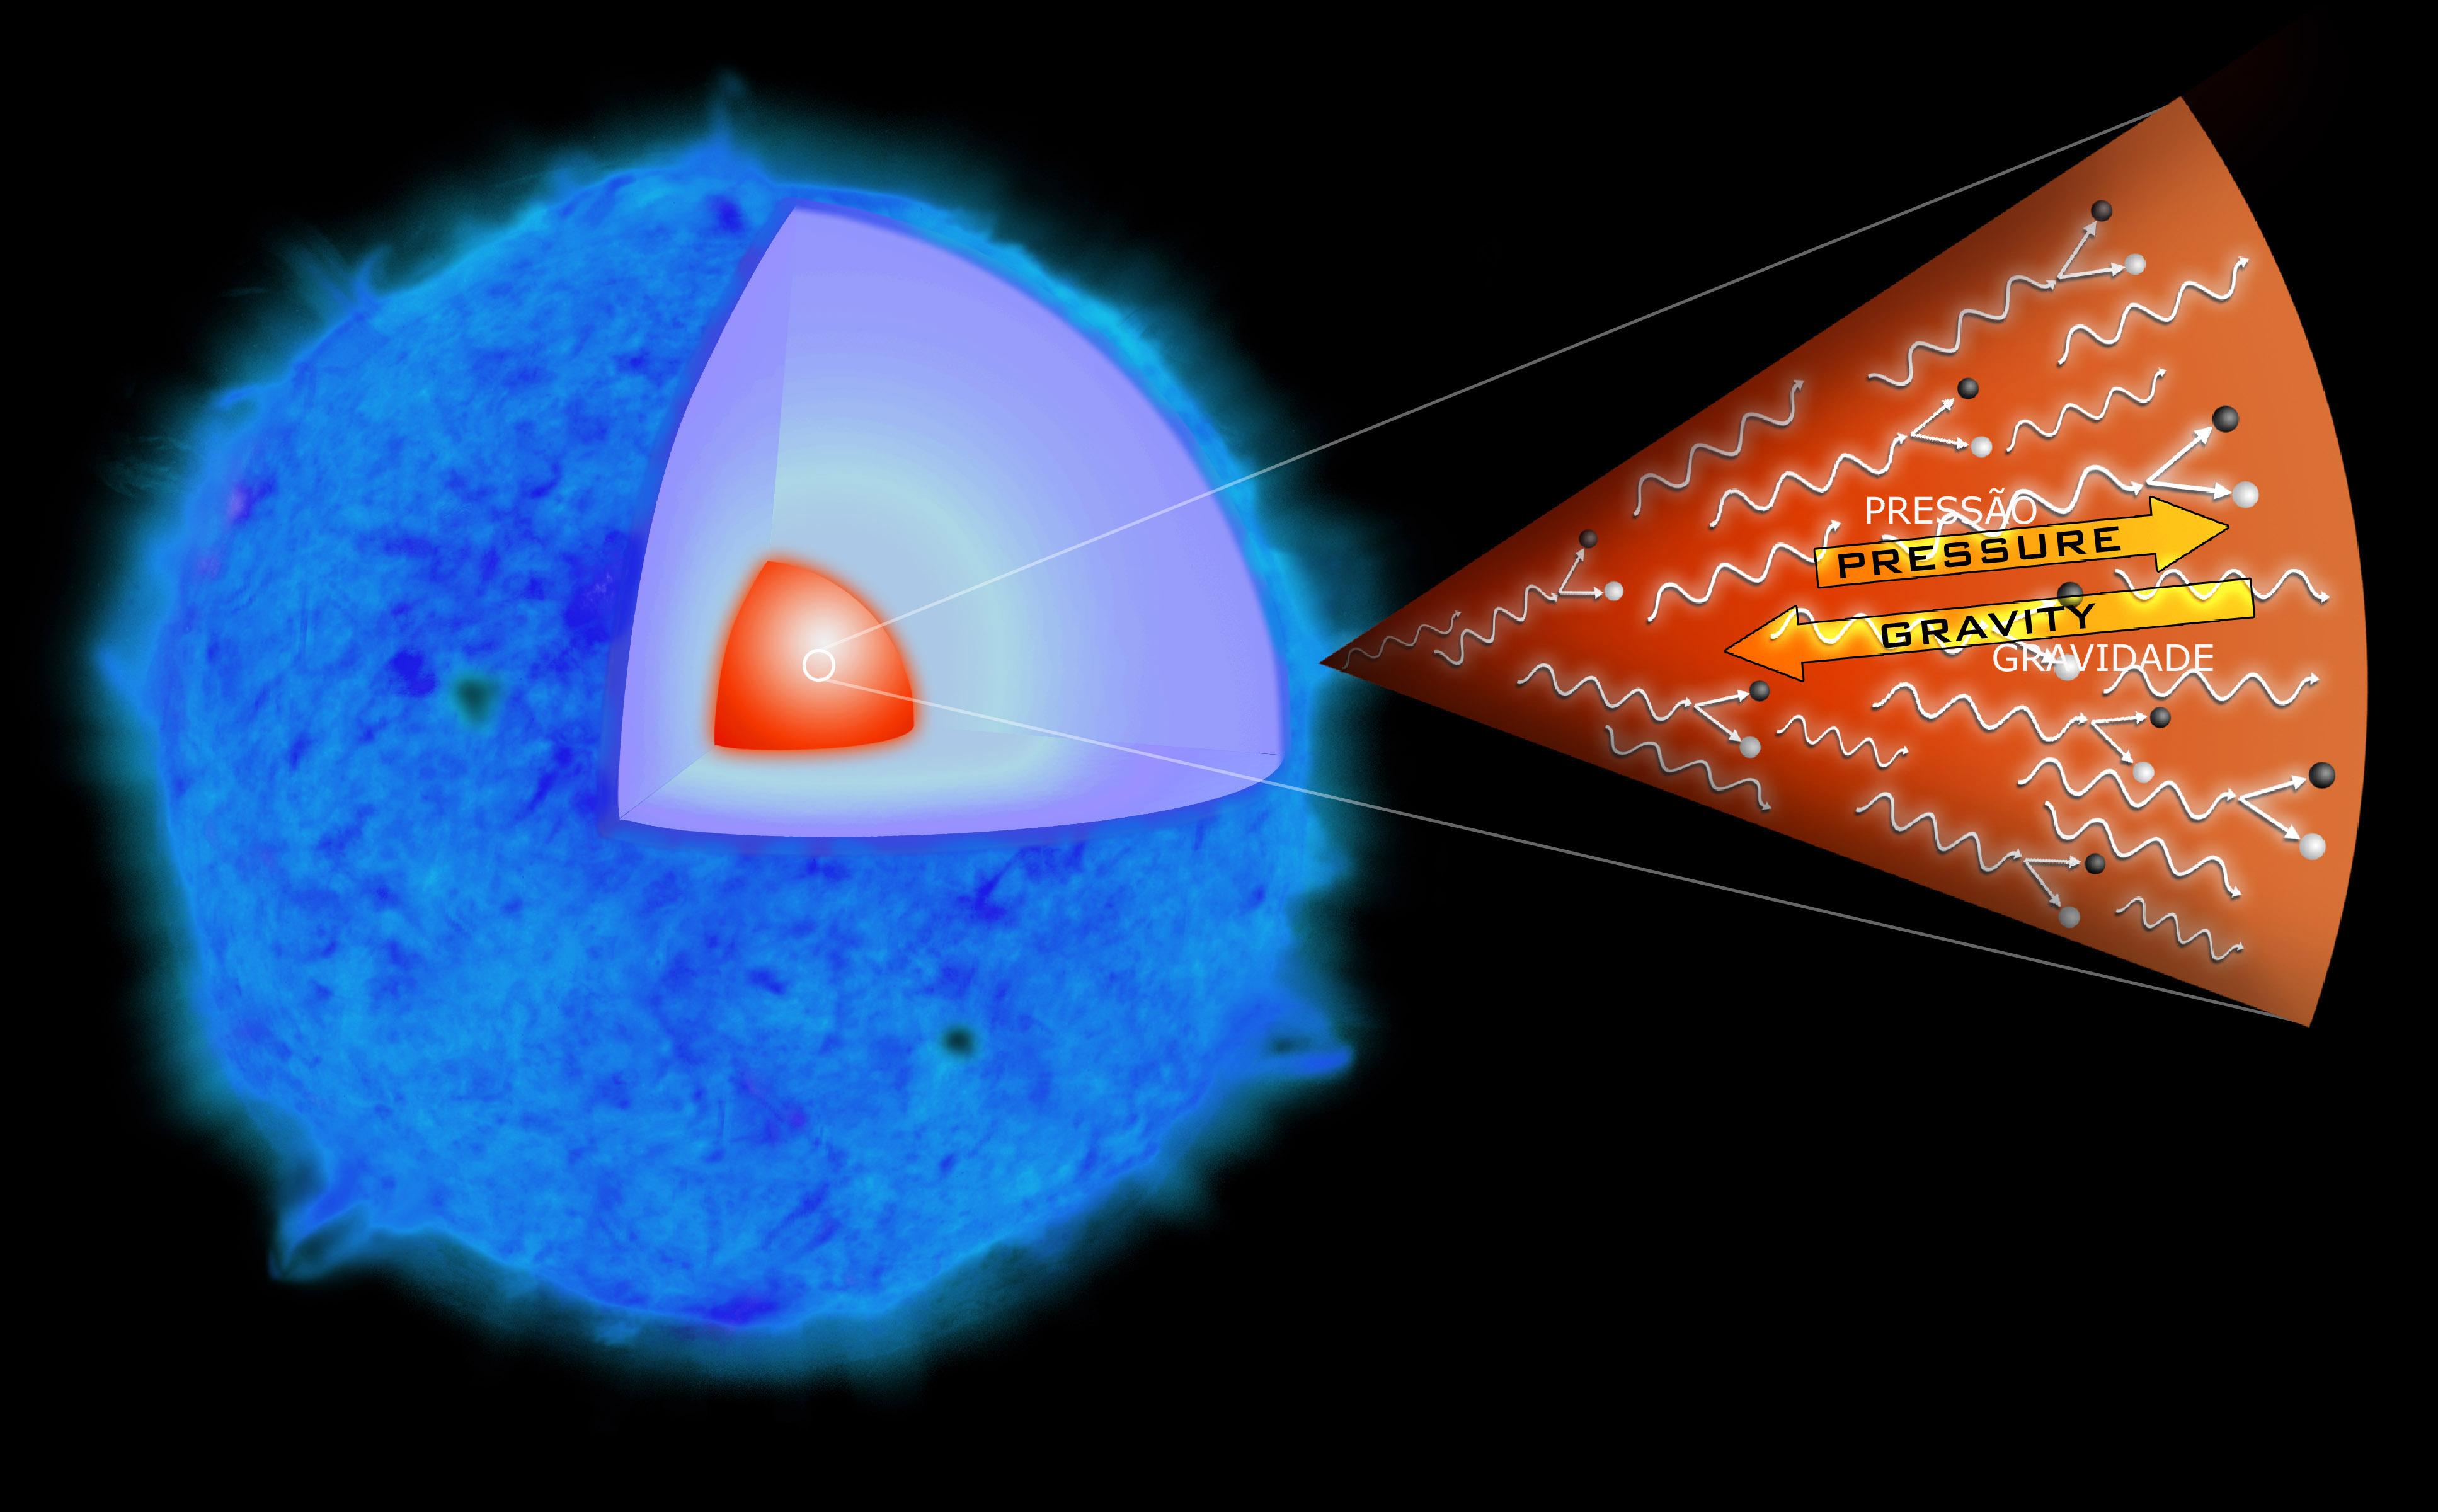 Esse diagrama explica o processo de formação de uma supernova de 'instabilidade aos pares' que os astrônomos julgam ter sido a explosão da supernova SN 2006gy. Quando uma estrela é muito massiva, os raios-gama produzidos no núcleo podem tornar-se tão energéticos que parte de sua energia é desviada para a produção de partículas e anti-partículas (matéria e anti-matéria). O resultado da queda de pressão provoca o colapso parcial da estrela sob sua intensa gravidade. Depois desse colapso violento, as reações termonucleares (não mostradas aqui) provocam a explosão da estrela, expelindo suas camadas externas pelo espaço.